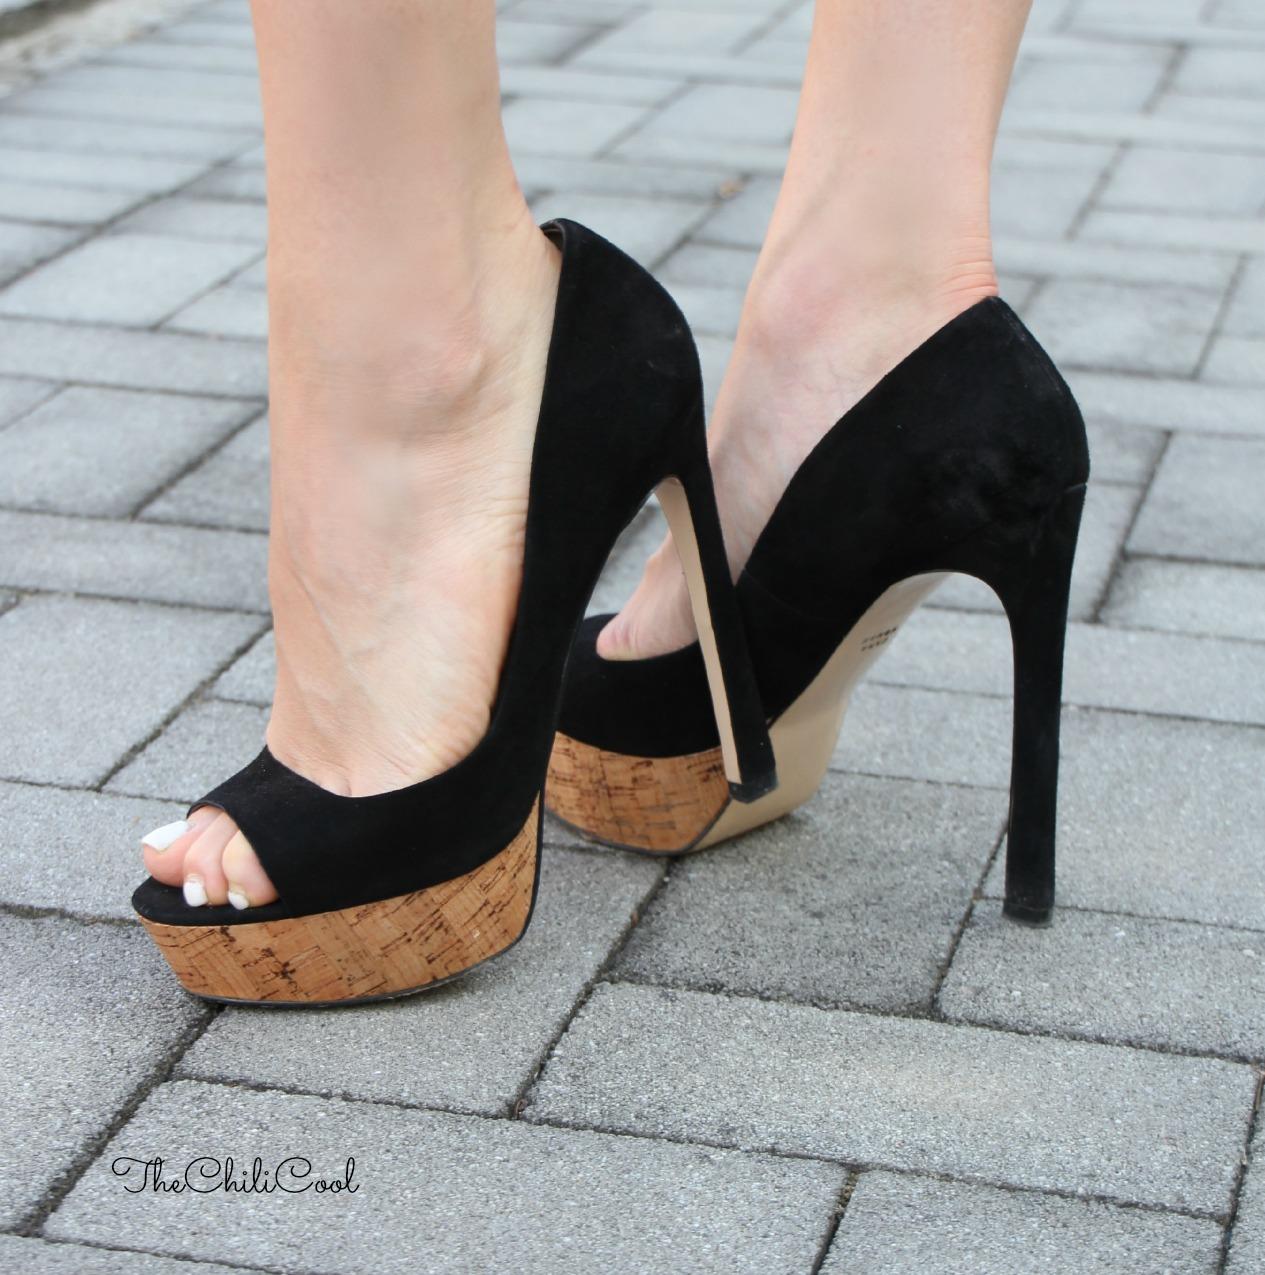 alessia milanese, thechilicool, fashion blog, fashion blogger,chic in b&w con scarpe tacco 12 e cenni di rosso corallo, antigona bag givenchy